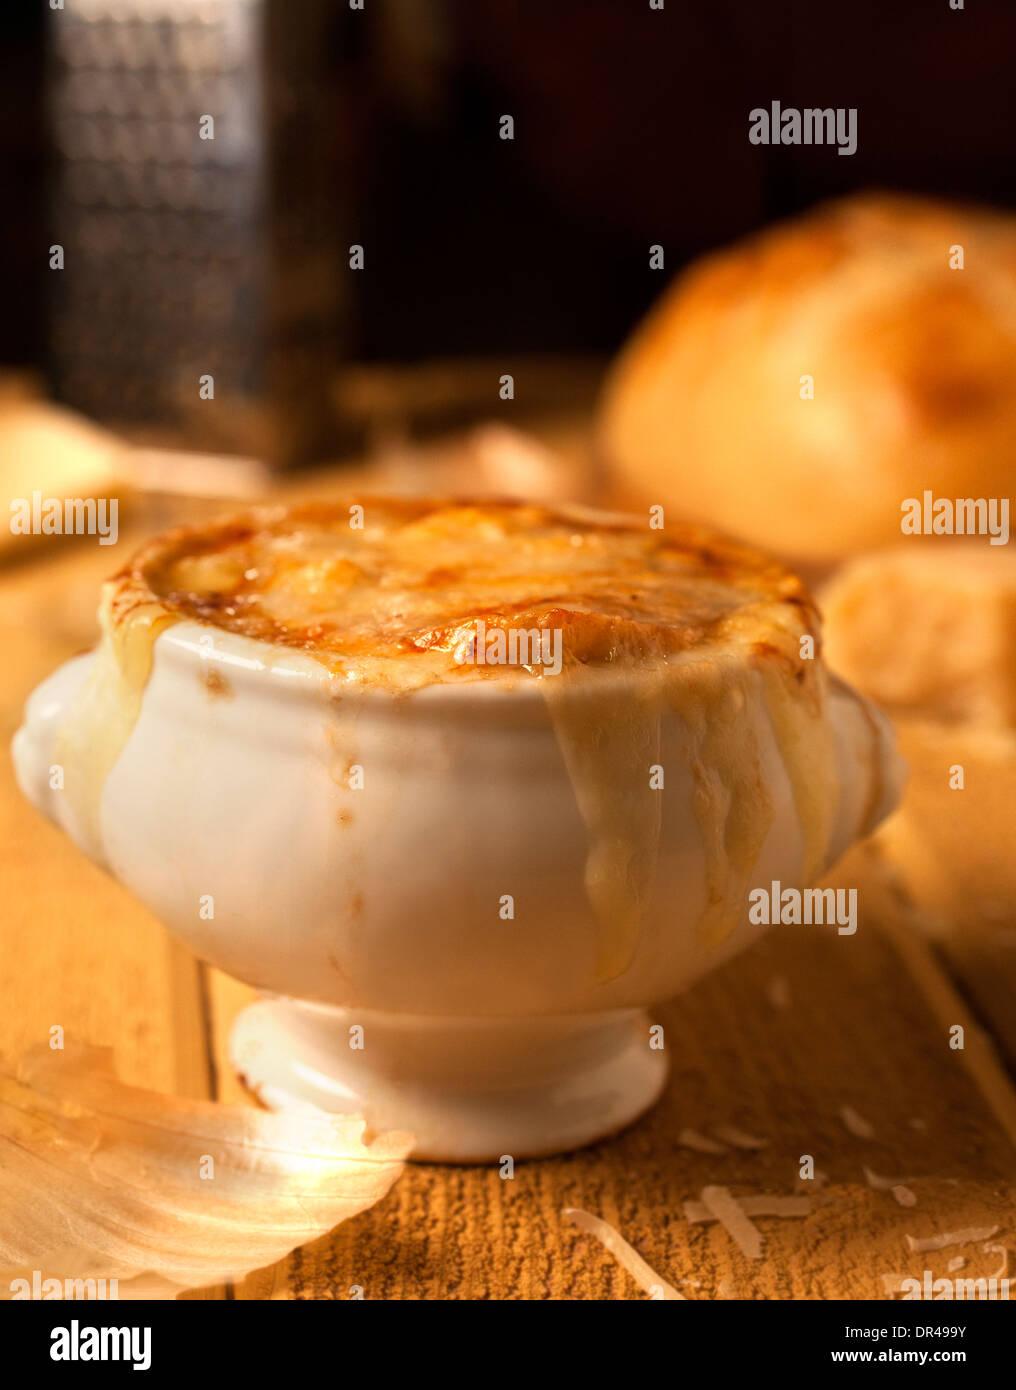 Zuppa di cipolle alla francese con formaggio grattugiato e una pagnotta di pane francese Immagini Stock